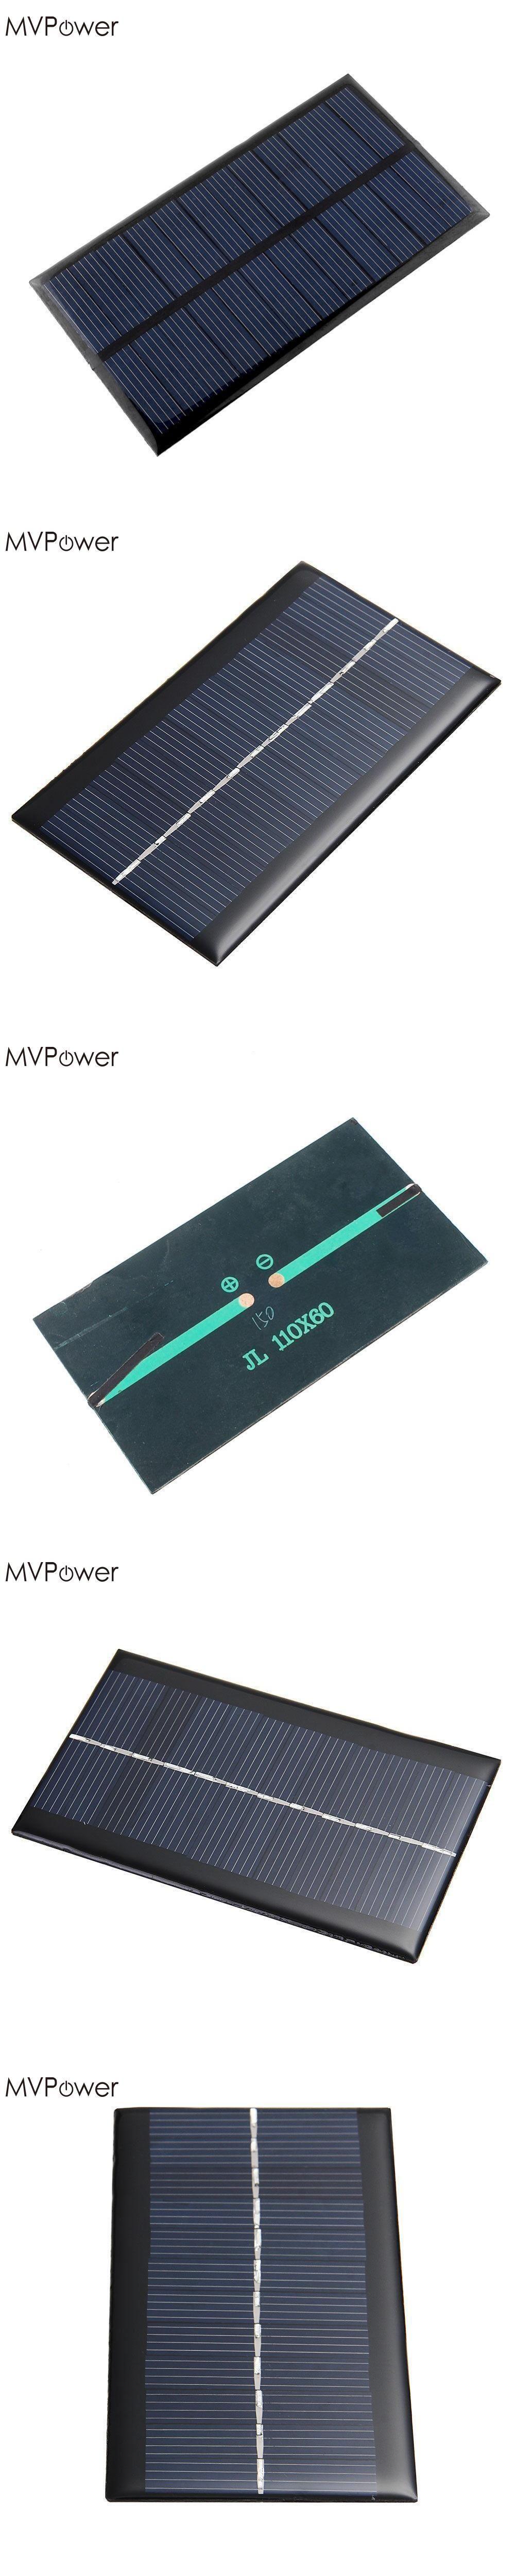 mvpower mini 6v 1w solar power panel solar system diy for battery